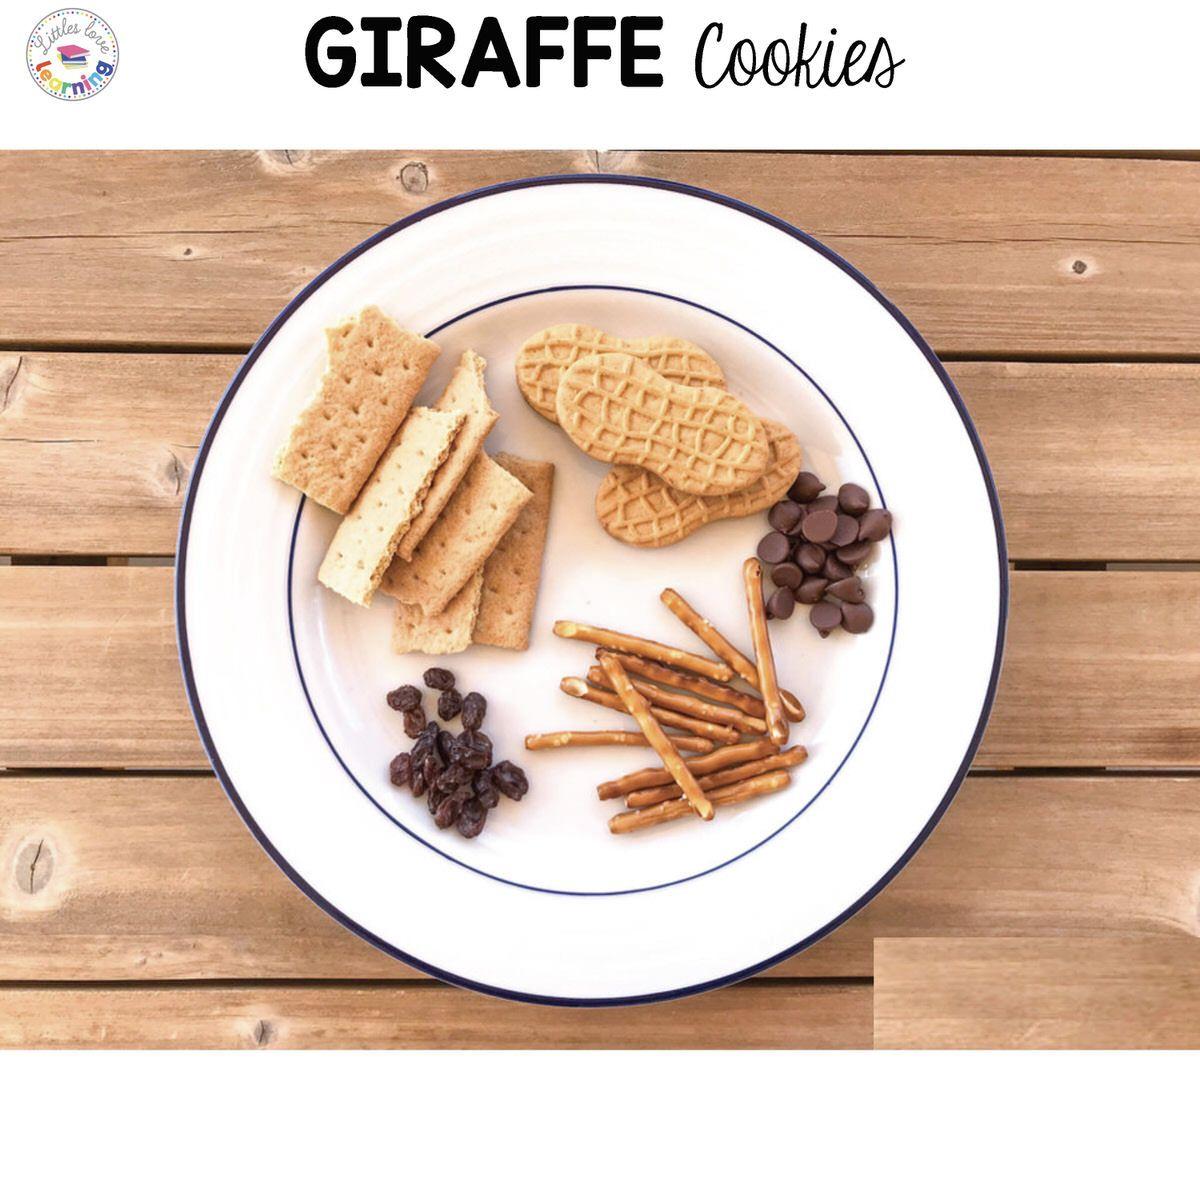 Fun And Free Giraffes Can T Dance Activities Preschool Kindergarten In 2020 Giraffes Cant Dance Giraffe Cookies Snacks To Make [ 1200 x 1200 Pixel ]